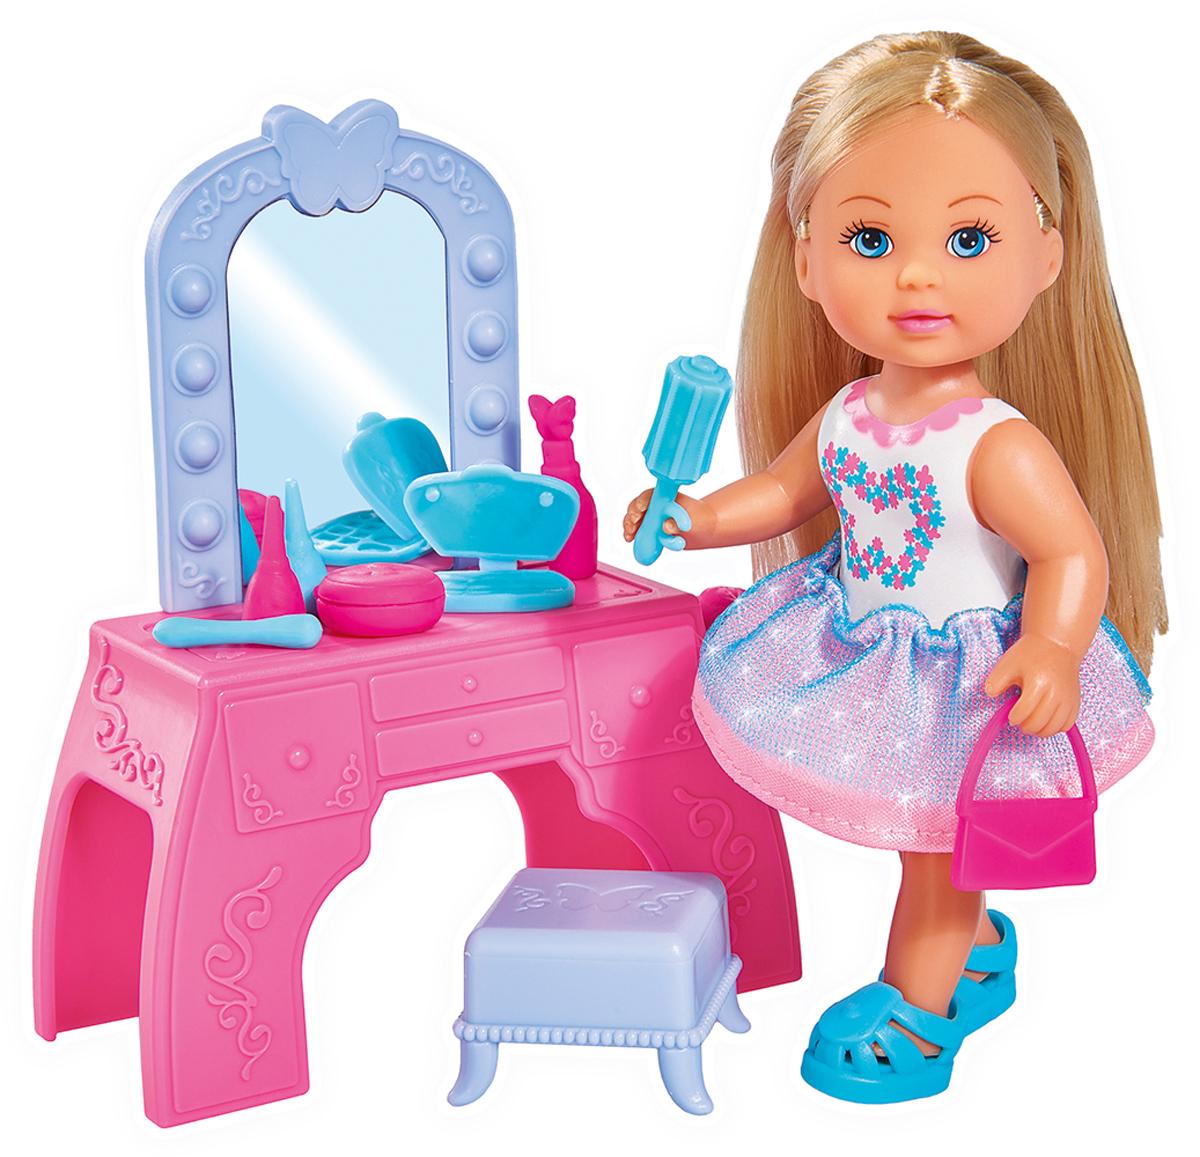 Simba Игровой набор с куклой Еви 9 предметов simba мини кукла еви в летней одежде цвет розовый